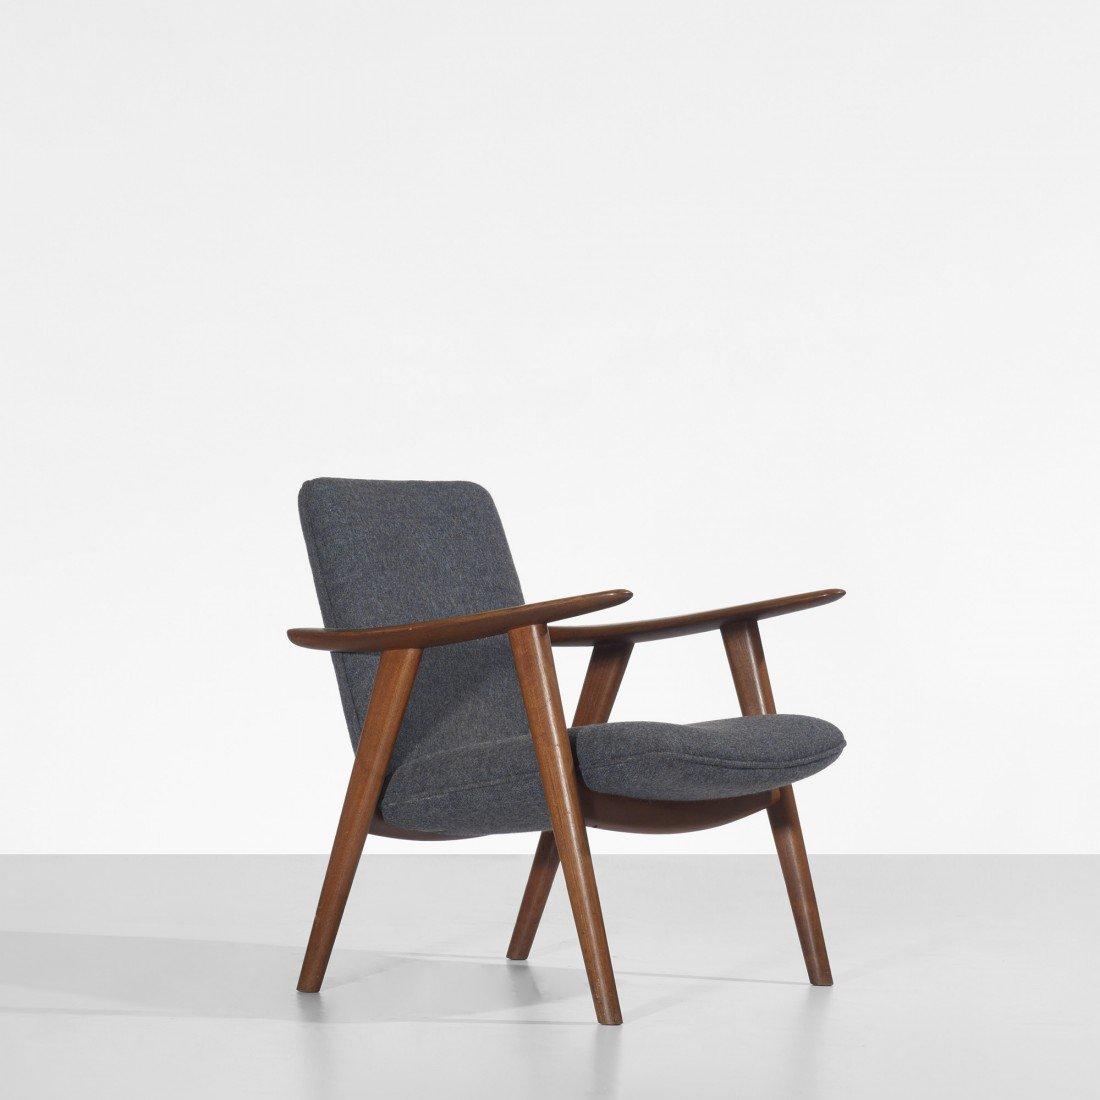 112: Hans Wegner Buck lounge chair